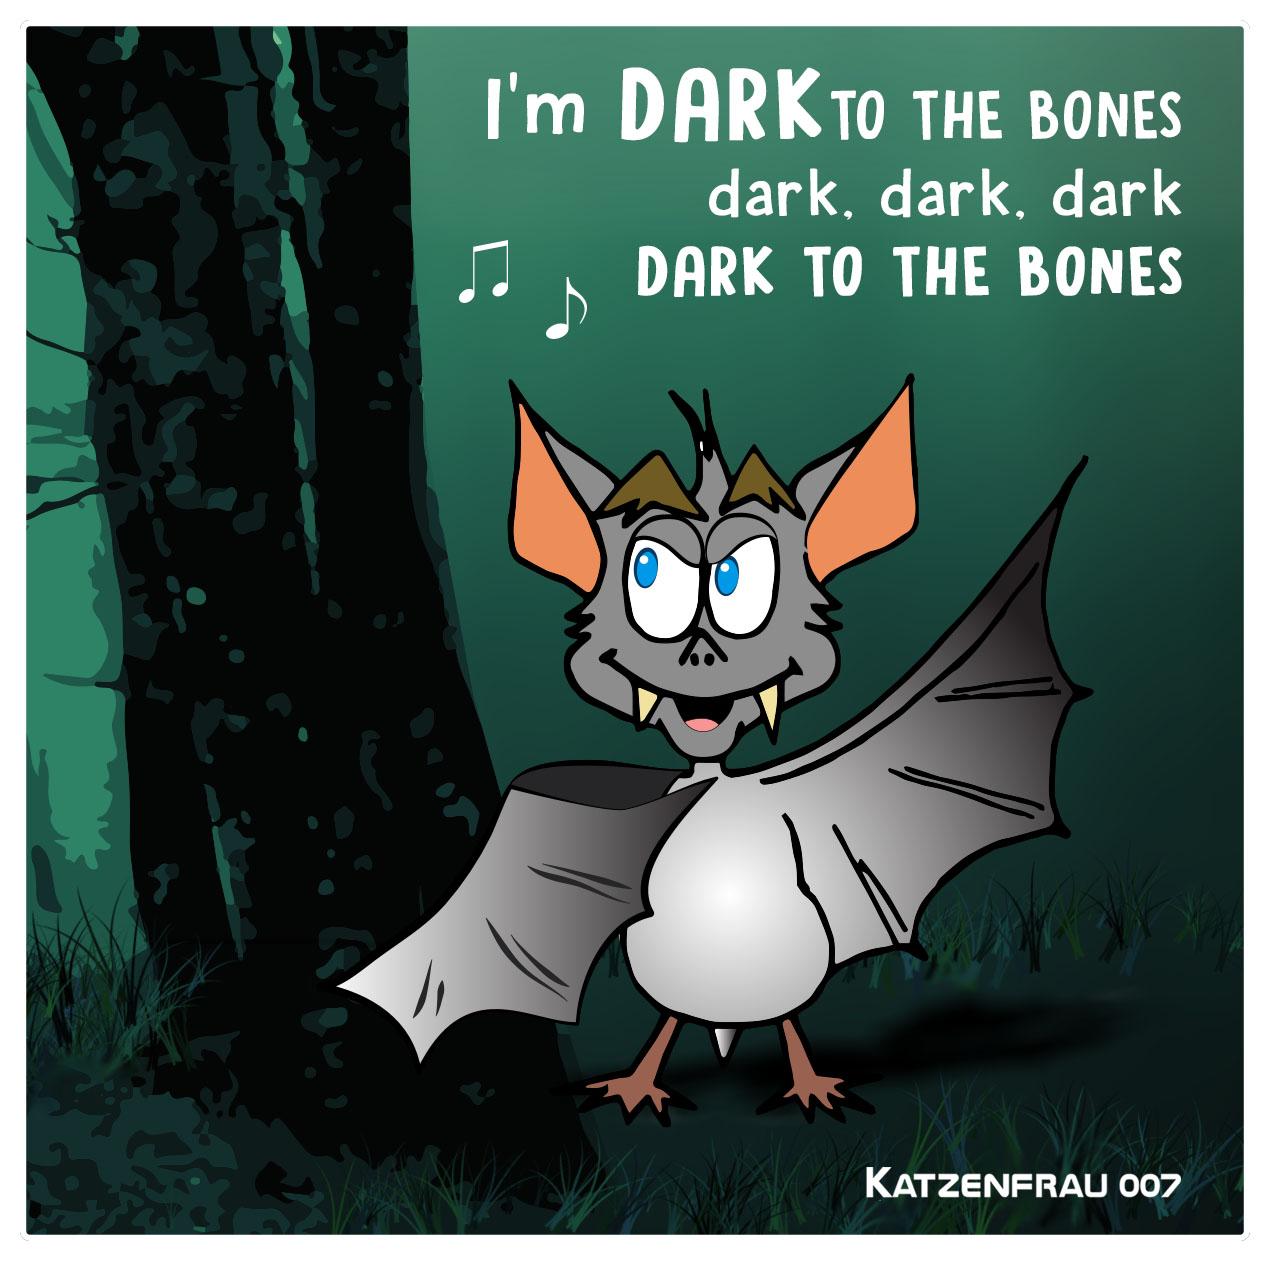 Dark to the bones by Ingrid Steele - Ingrid Alexandra (Katzenfrau007)